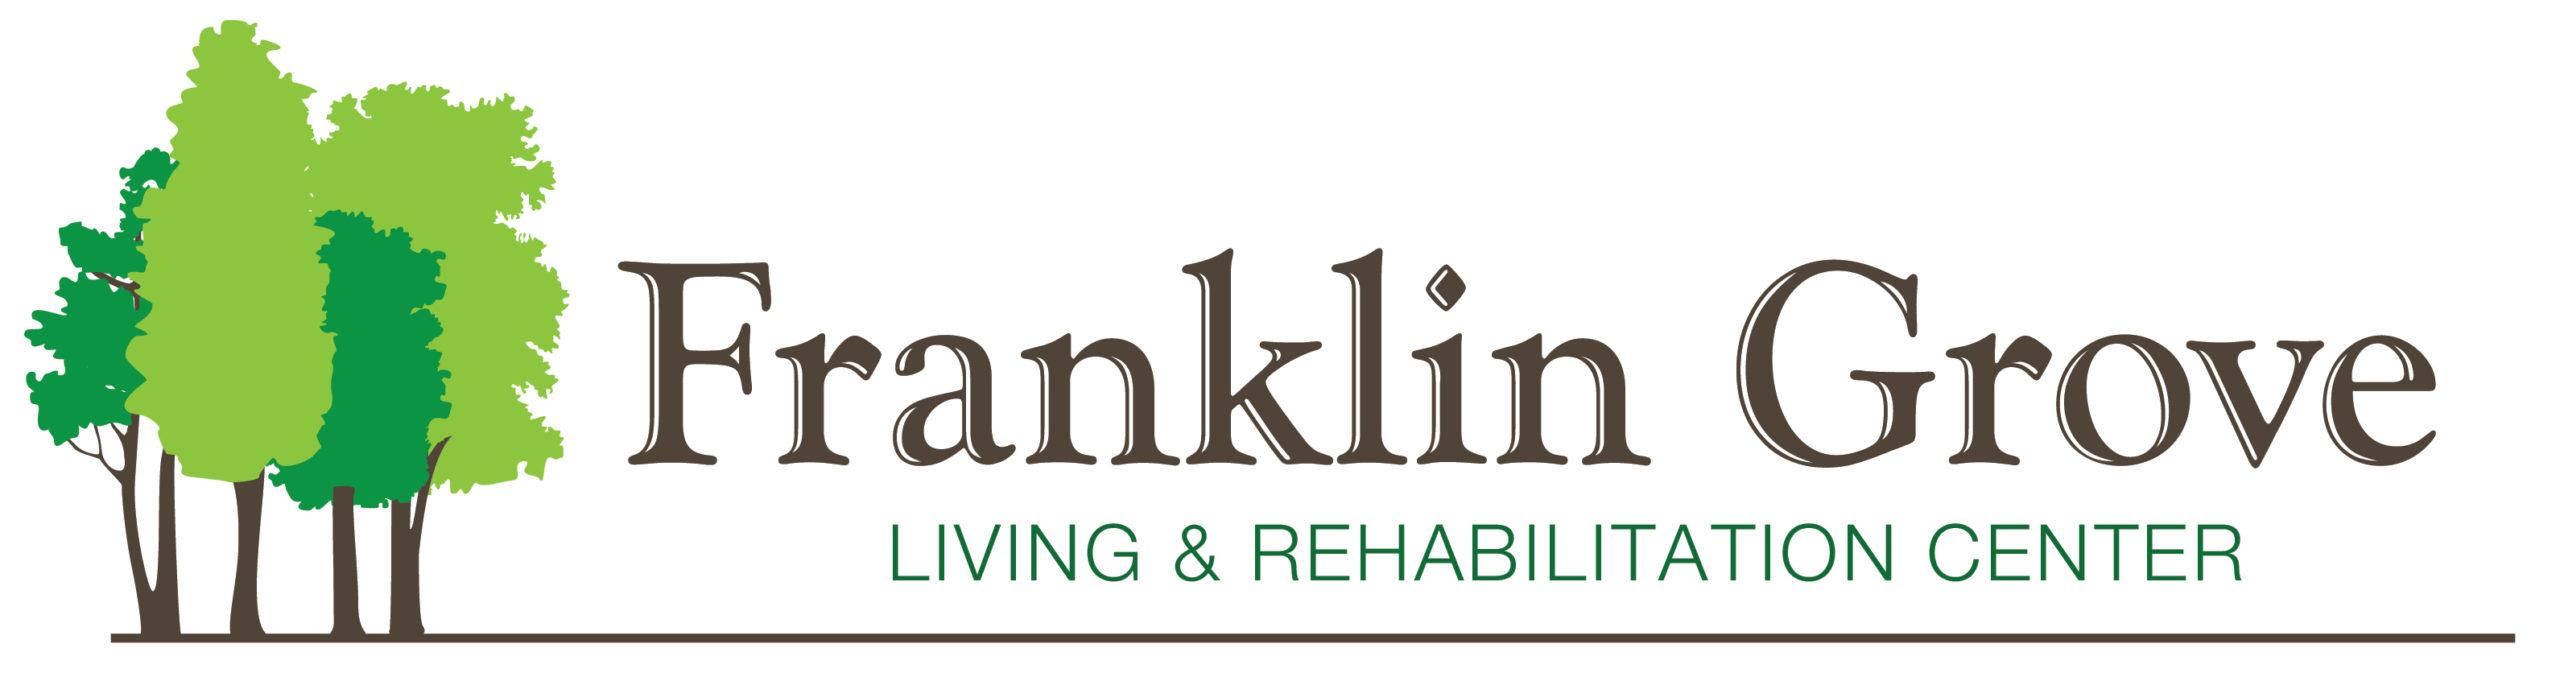 Franklin Grove Living & Rehabilitation Center